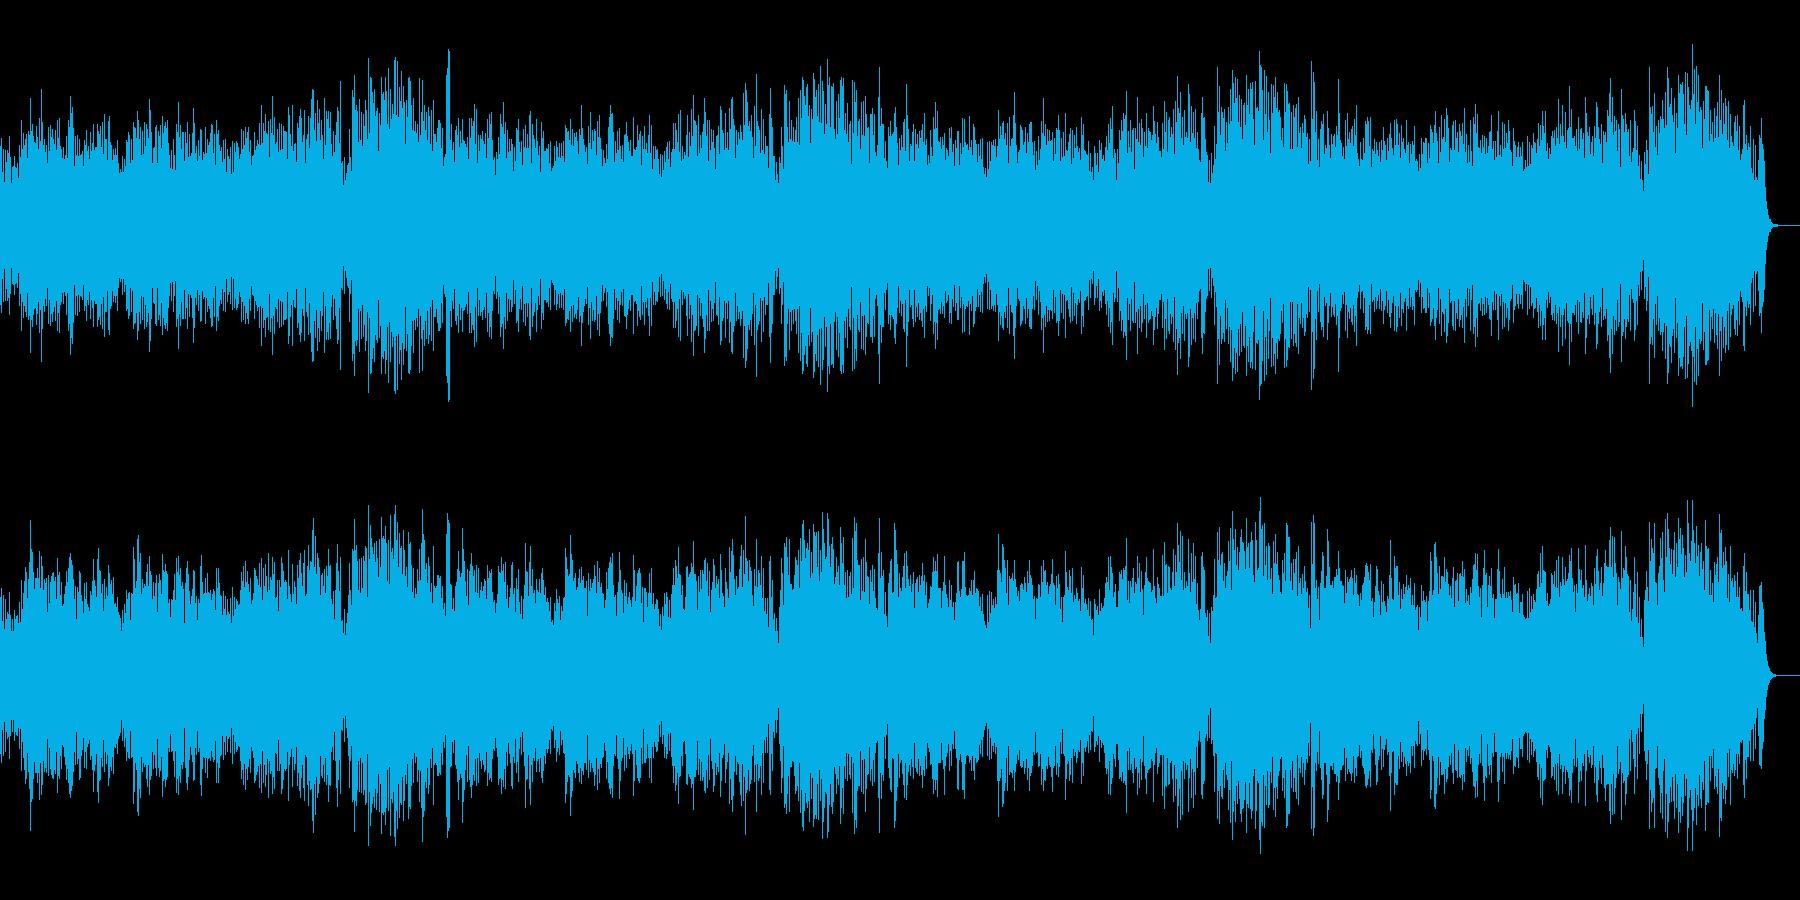 バイオリンとアコギによる「仰げば尊し」の再生済みの波形